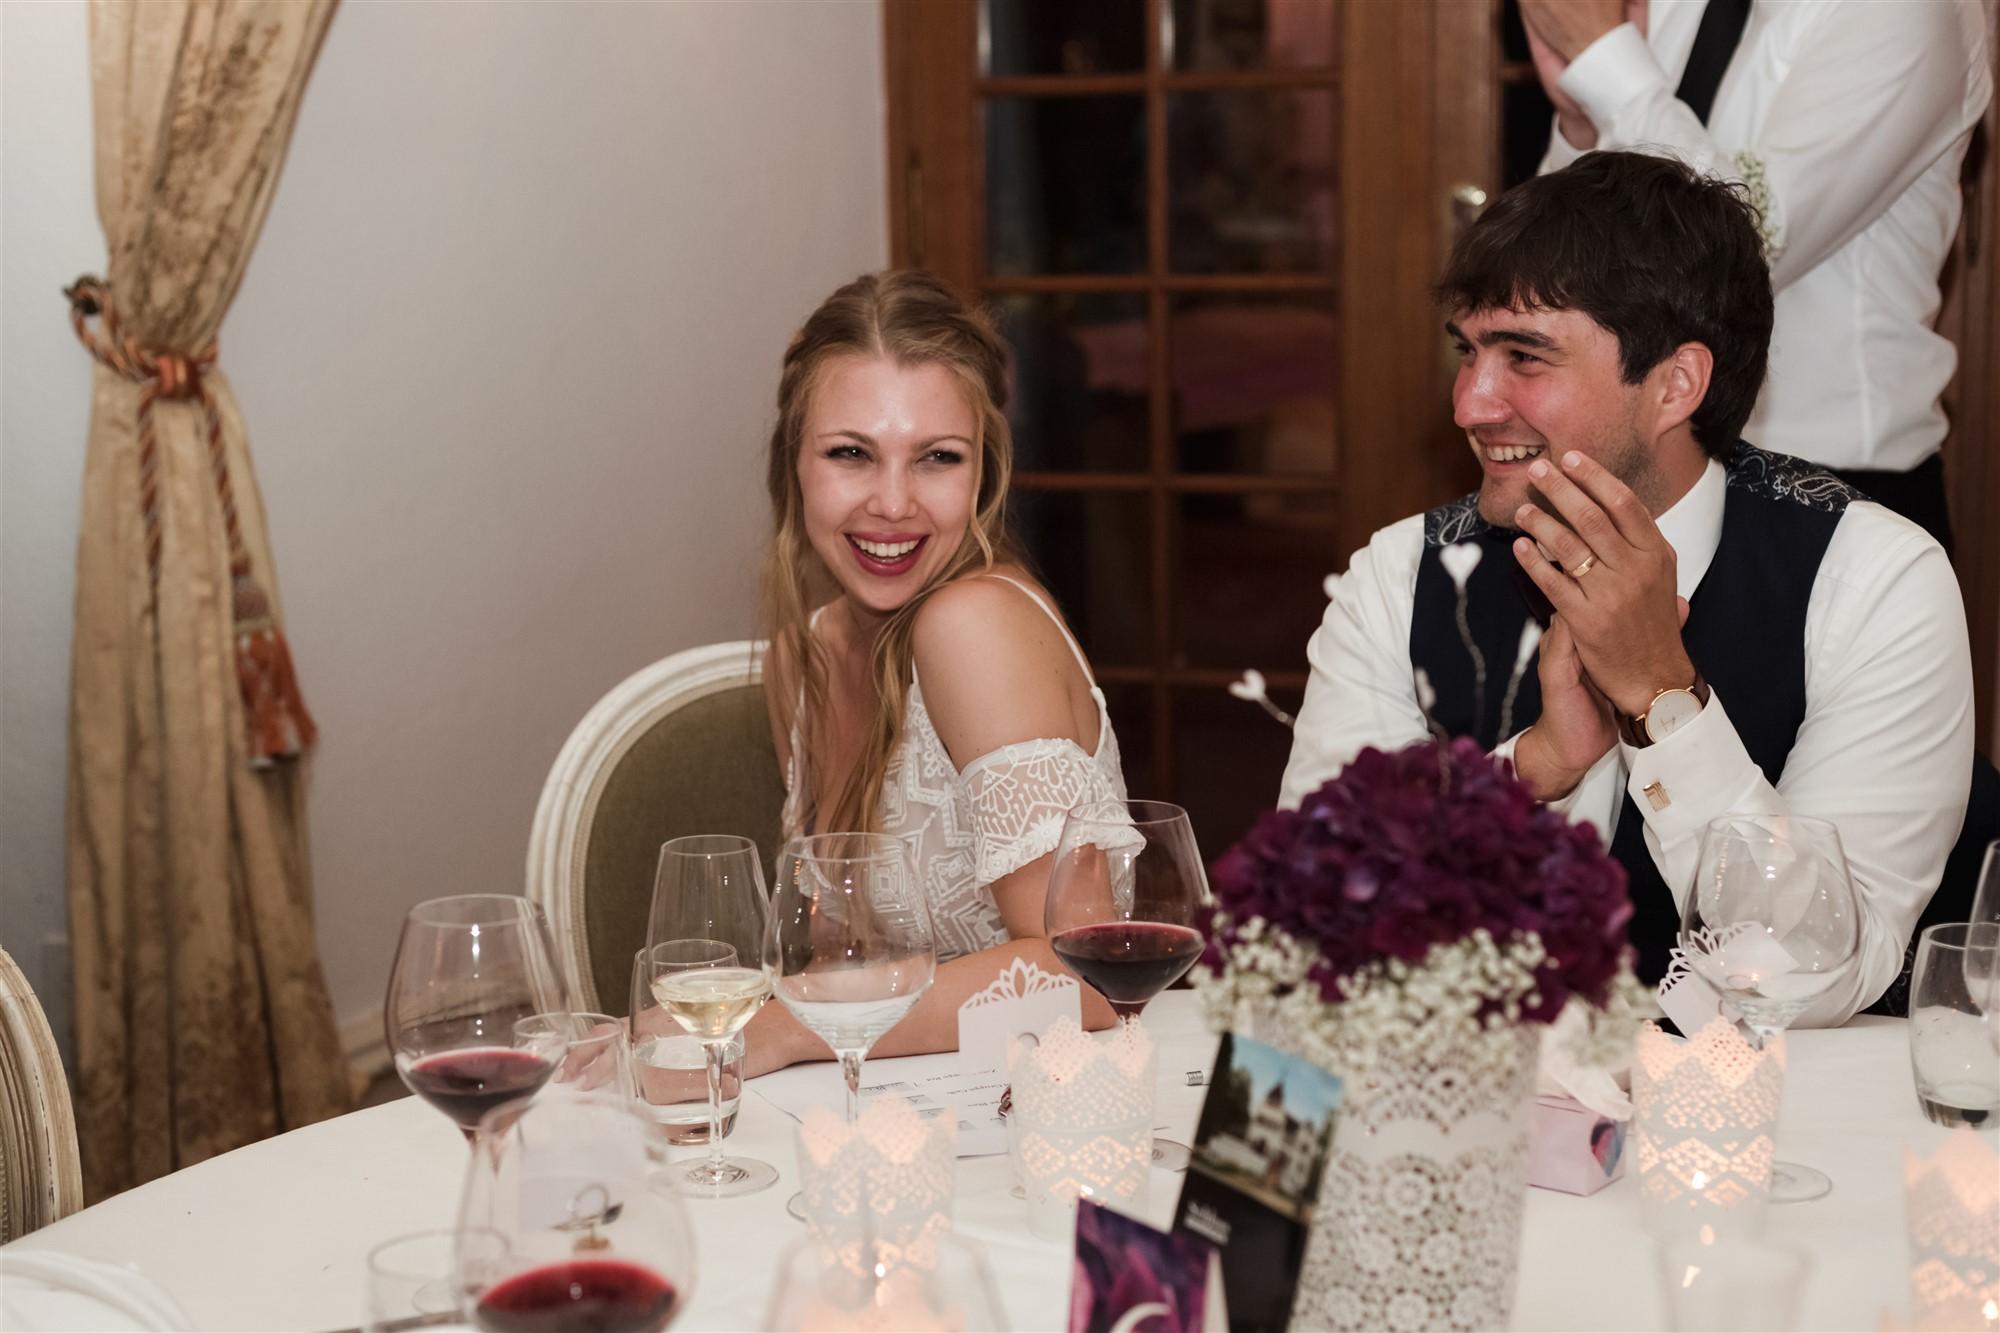 Das Brautpaar geniesst das Hochzeitsfest